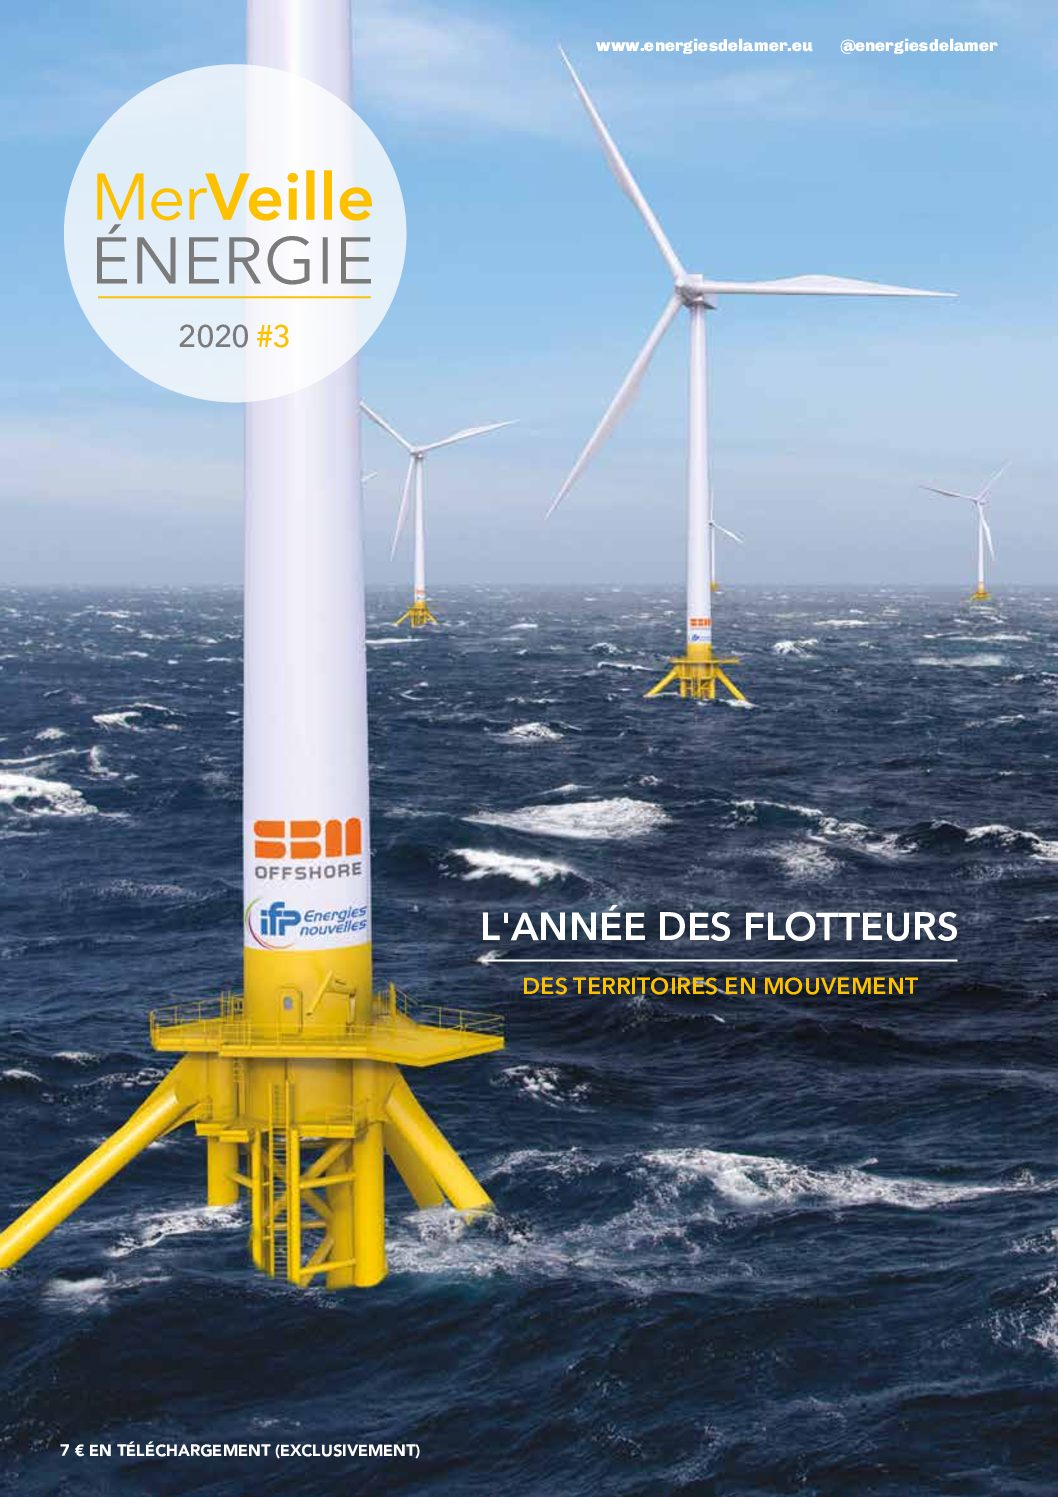 FOWT2020, la manifestation internationale s'ouvre à Marseille et MerVeille Energie publie le numéro dédié au flottant